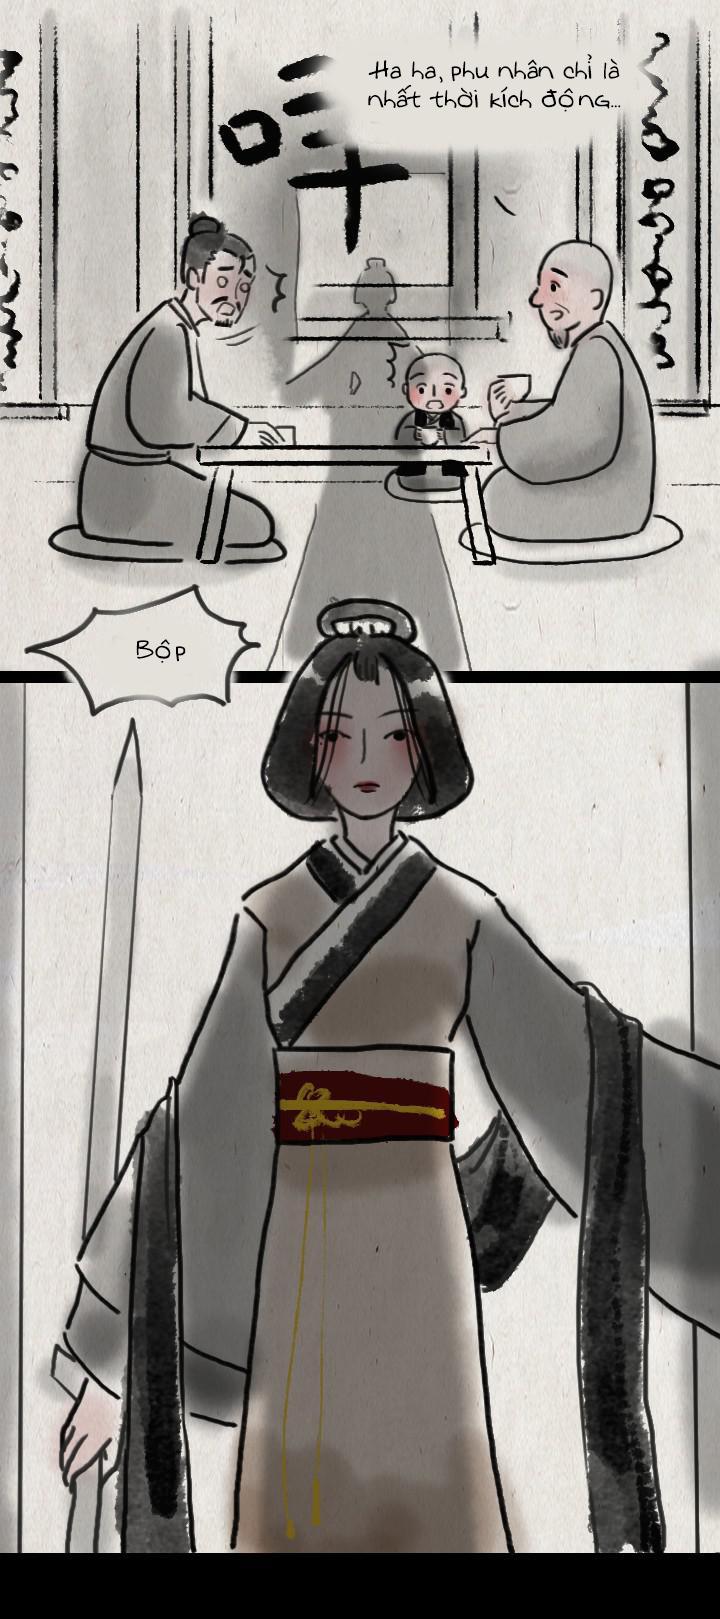 Nhất Thiền Tiểu Hòa Thượng Chapter 49 - Hamtruyen.vn